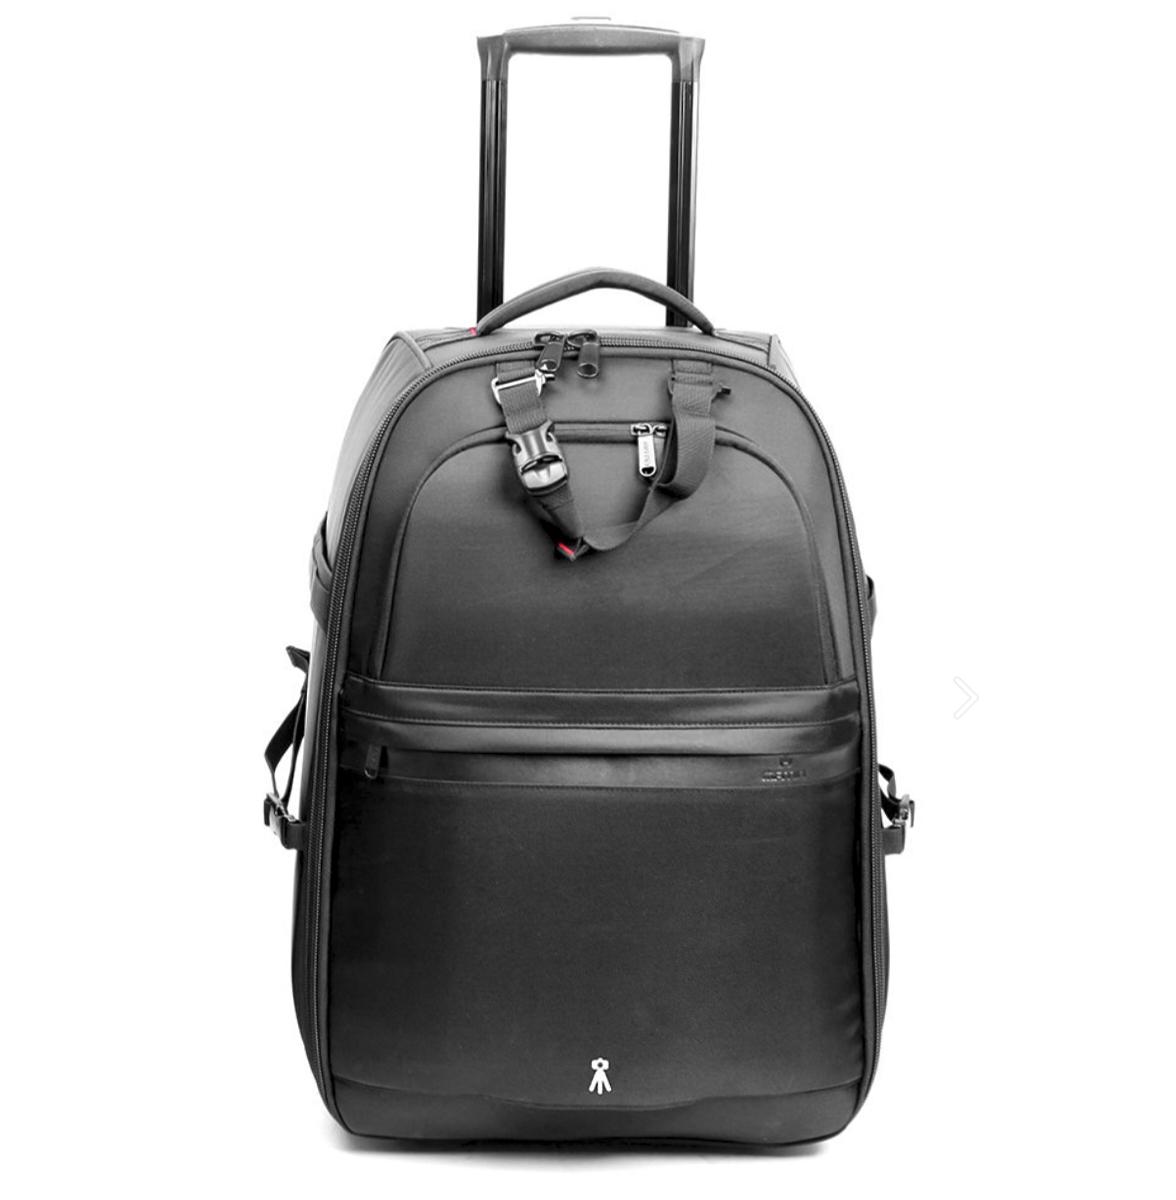 攝影樂趣搖身一變旅行商務 Matin Flyby380拉桿型攝影後背包